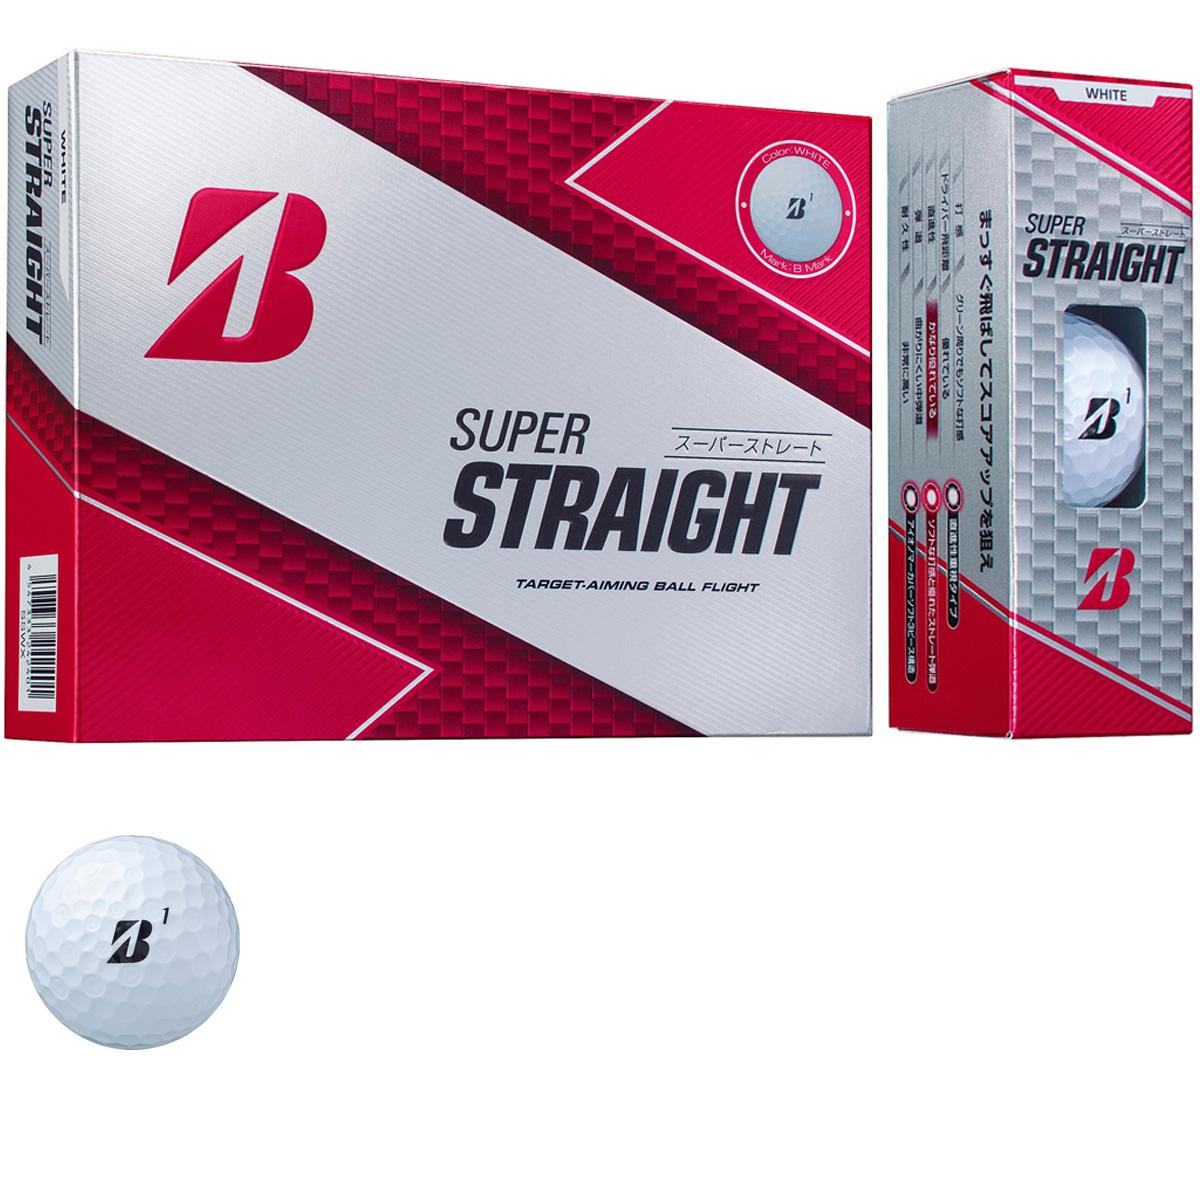 SUPER STRAIGHT ボール